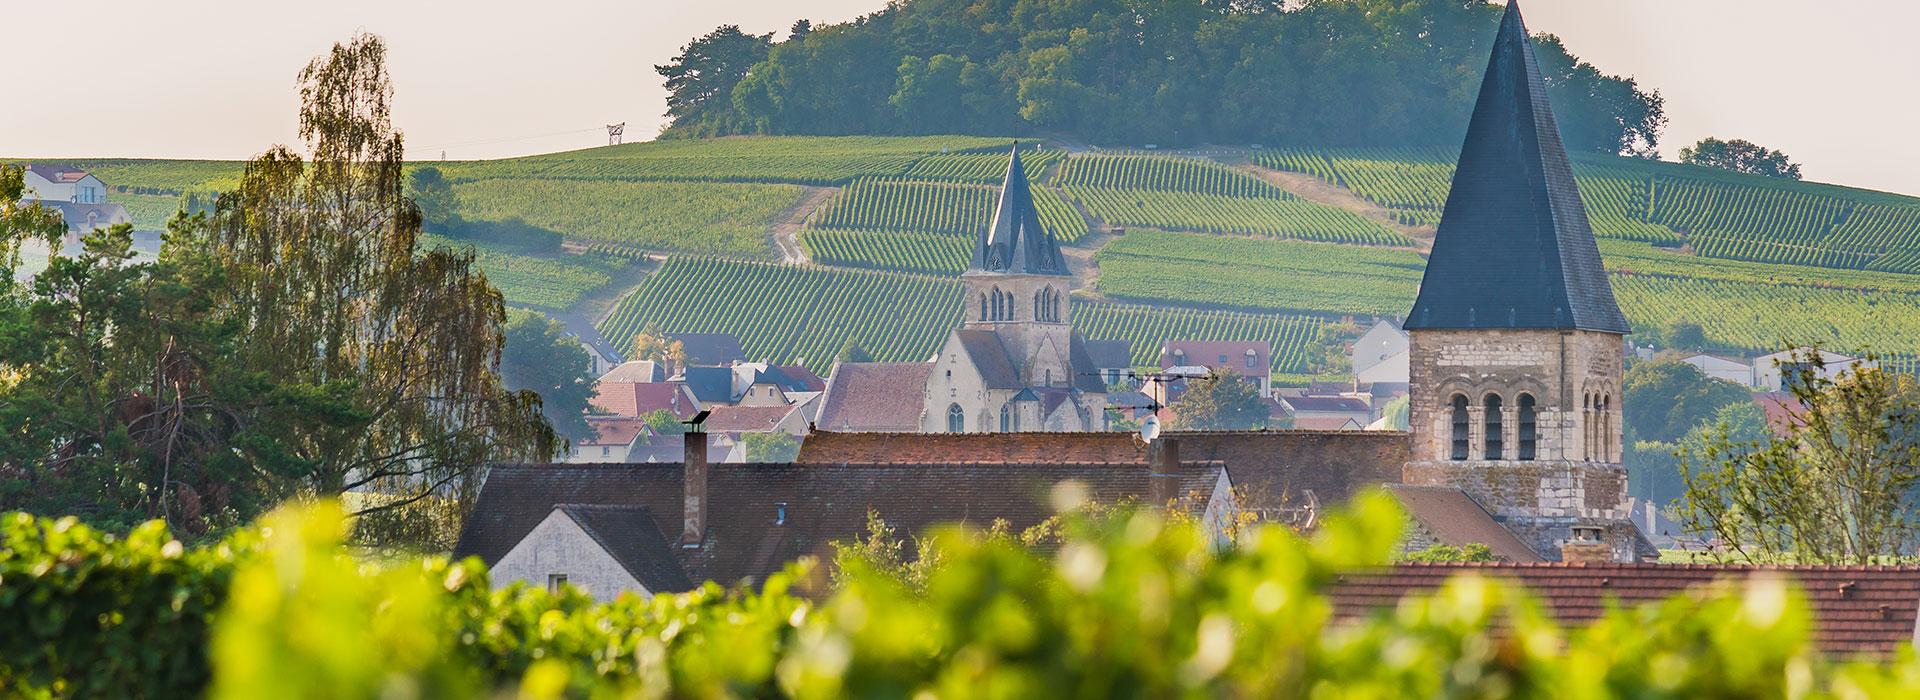 Week-end en famille sur la route des vins